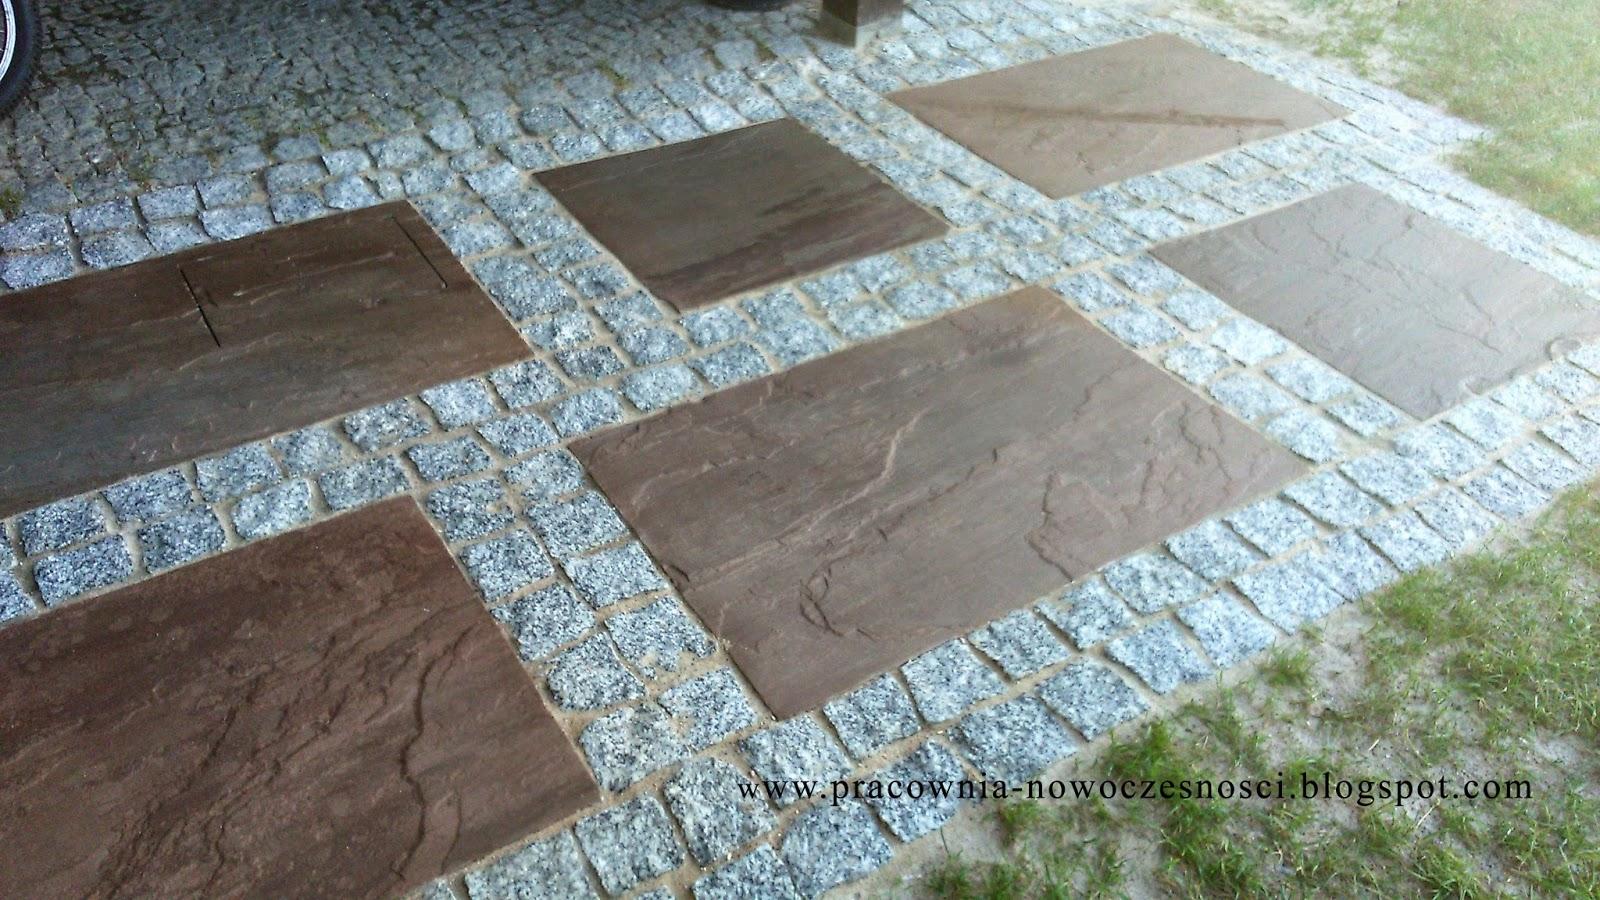 piaskowiec indyjski, kostka granitowa szara